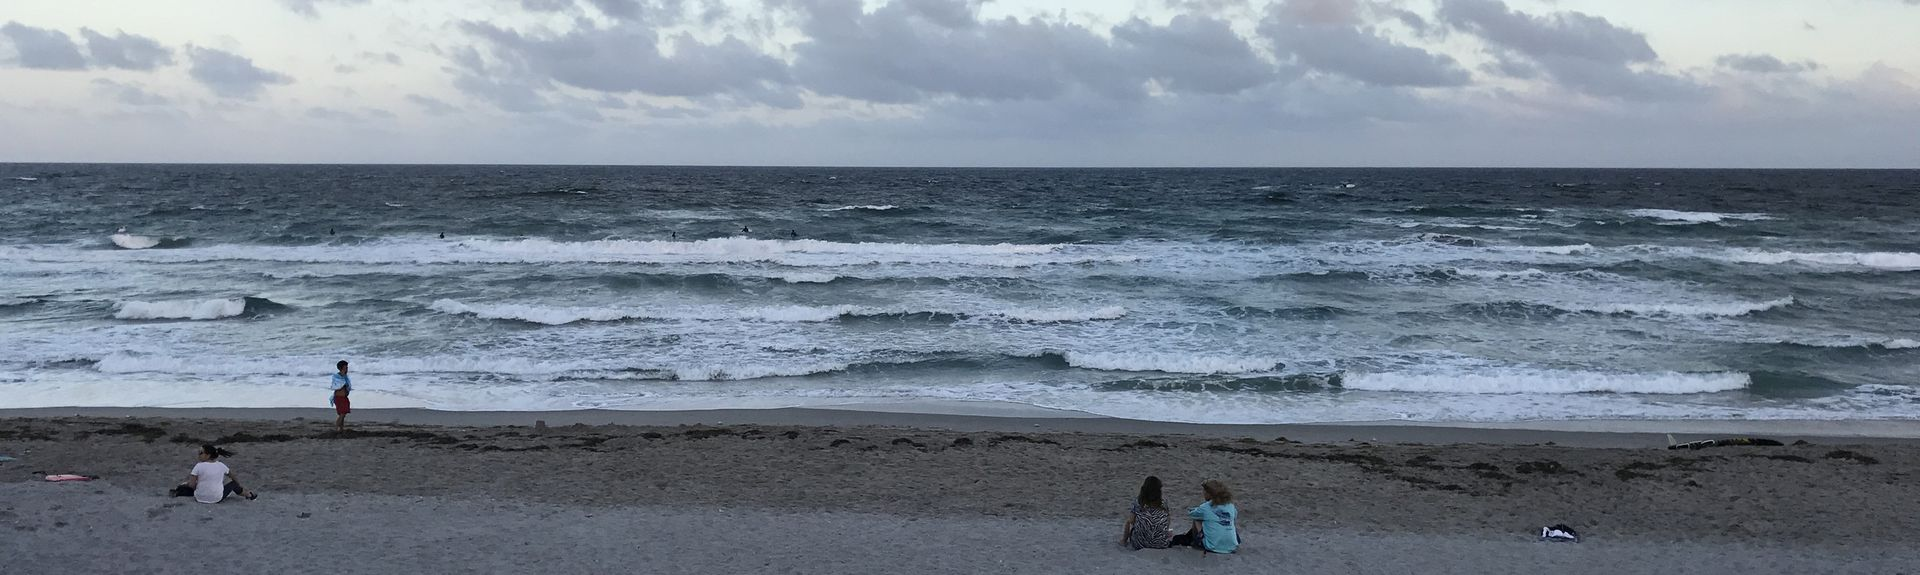 Palm Aire C C (Pompano Beach, Floride, États-Unis d'Amérique)